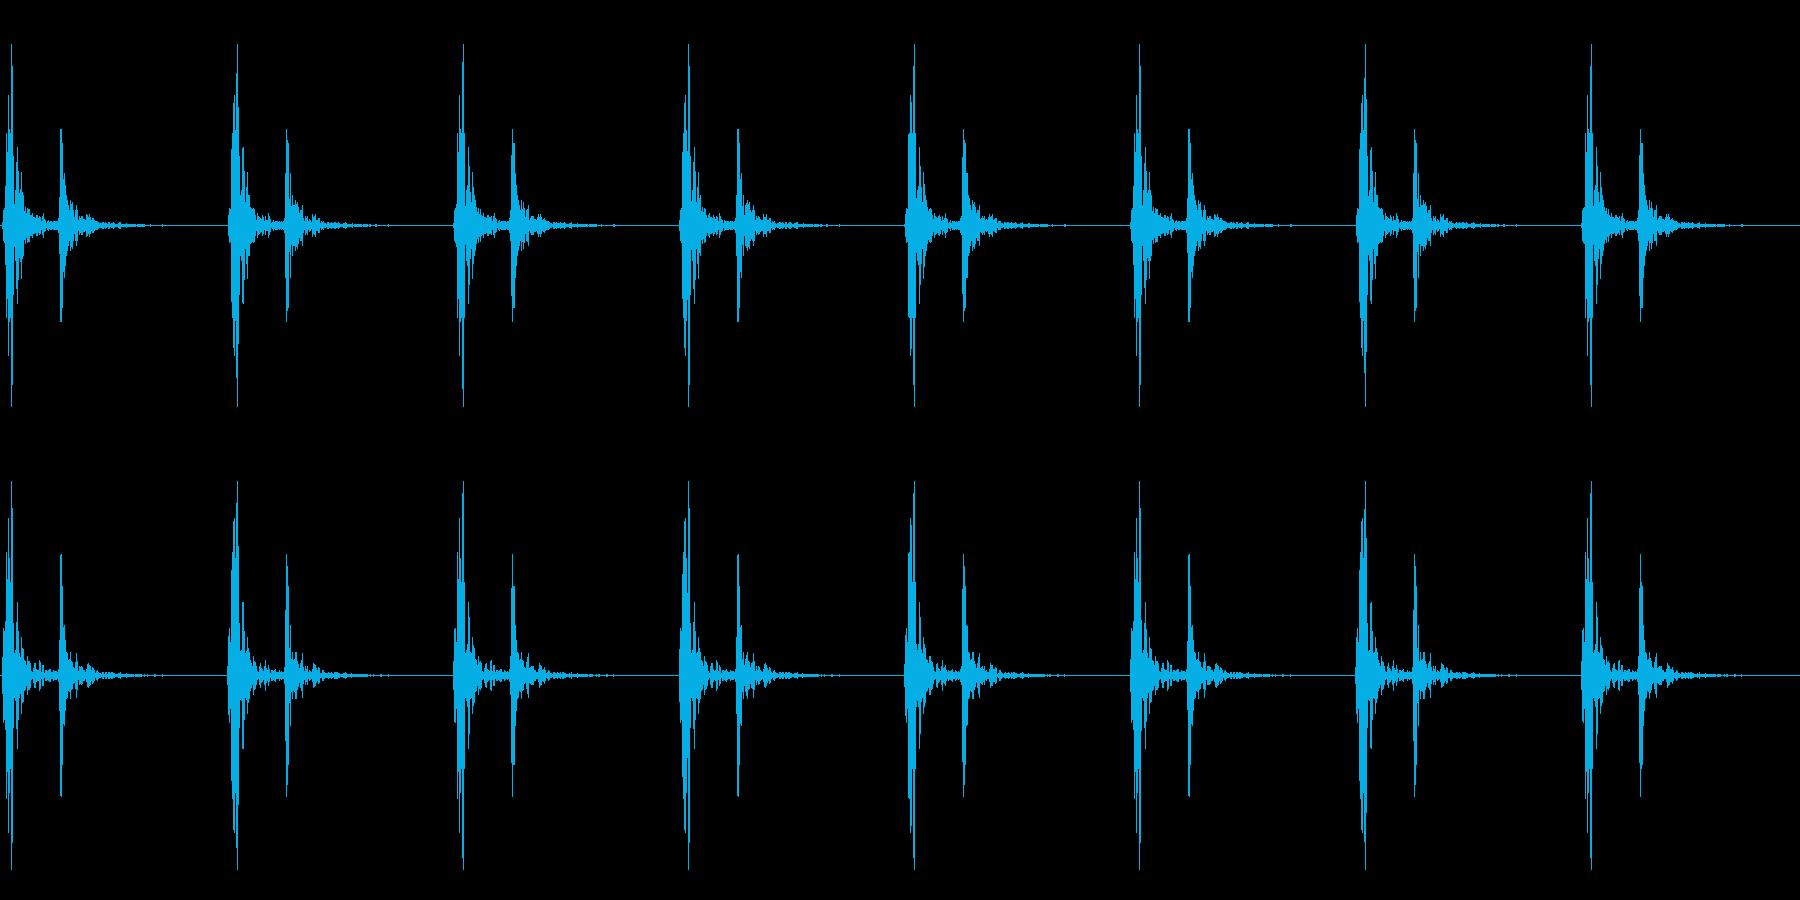 【 心臓 】ドックンドックン (普通)の再生済みの波形